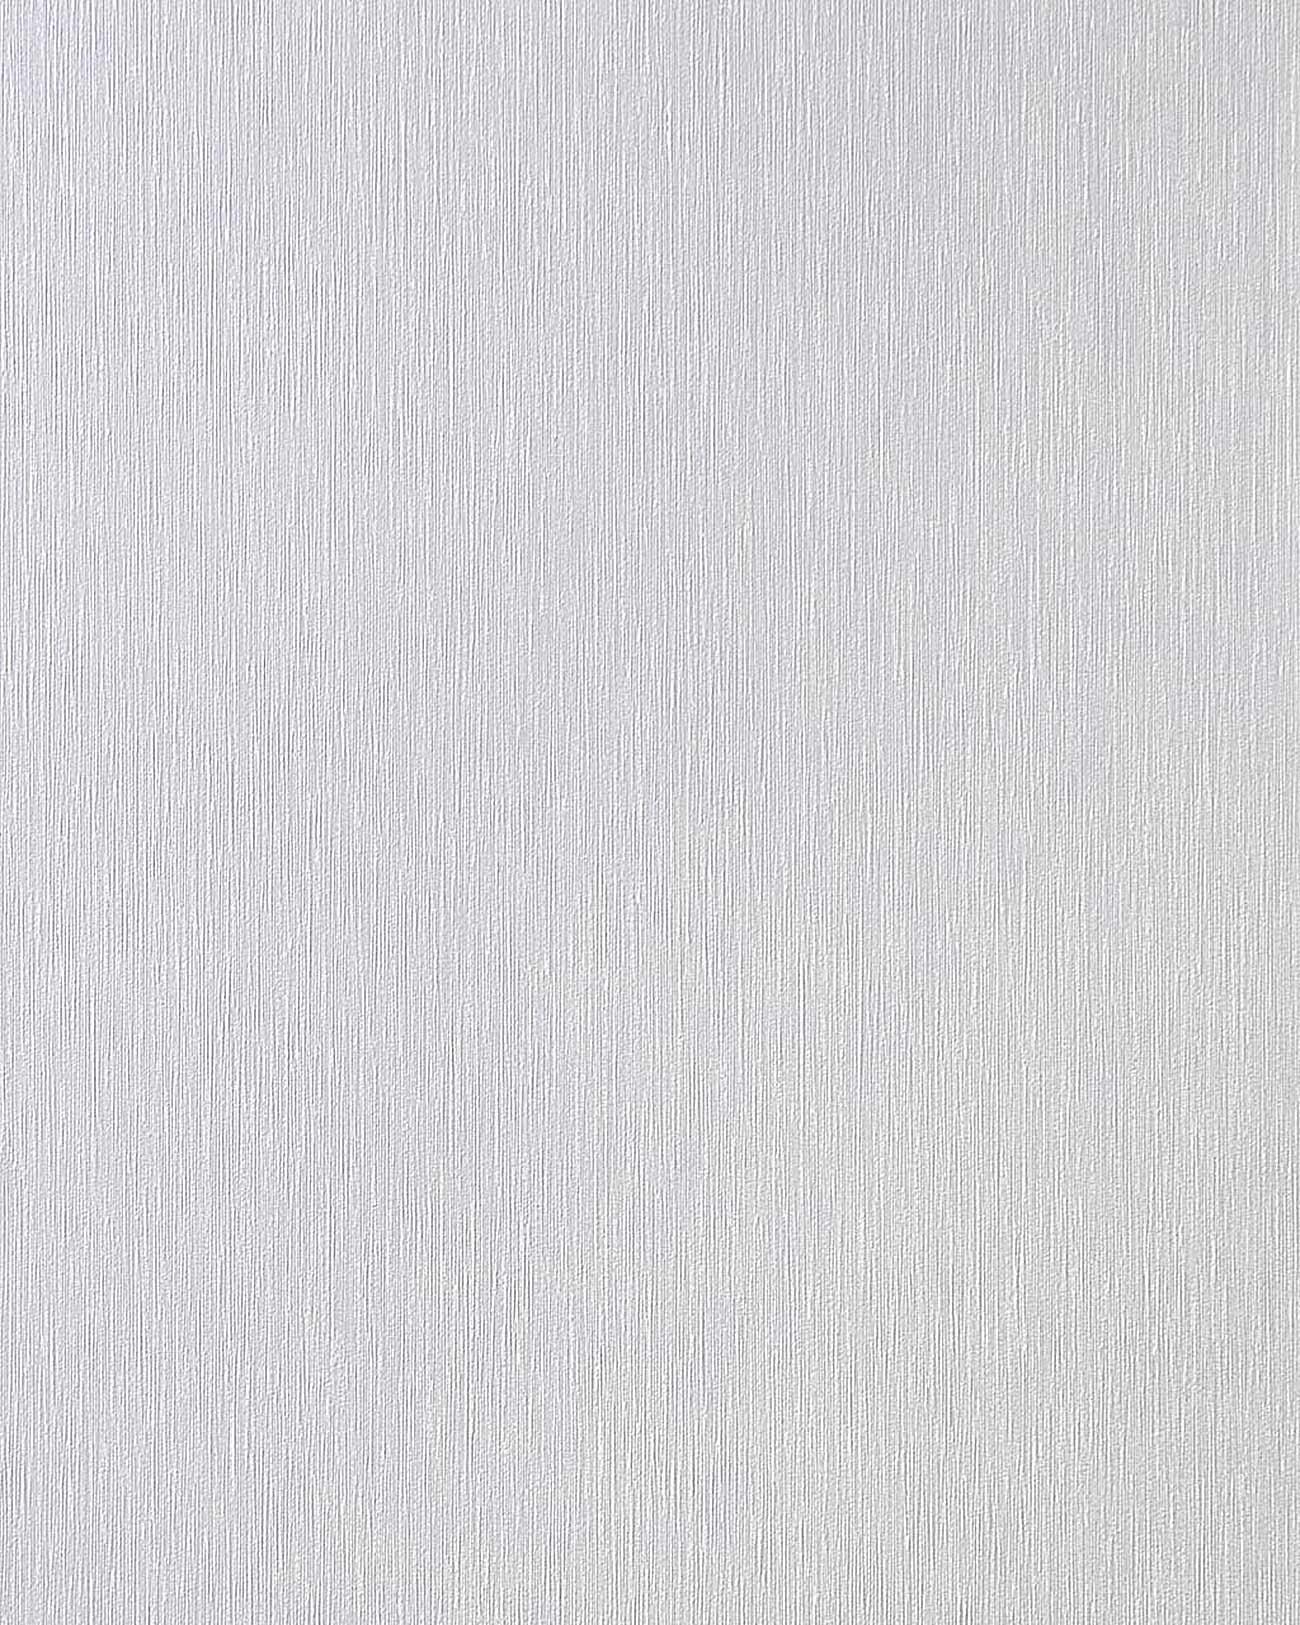 Tapeten Gestreift Pastell : Elegante Tapete Vinyltapete leicht gestreift pastell-violett perlmutt